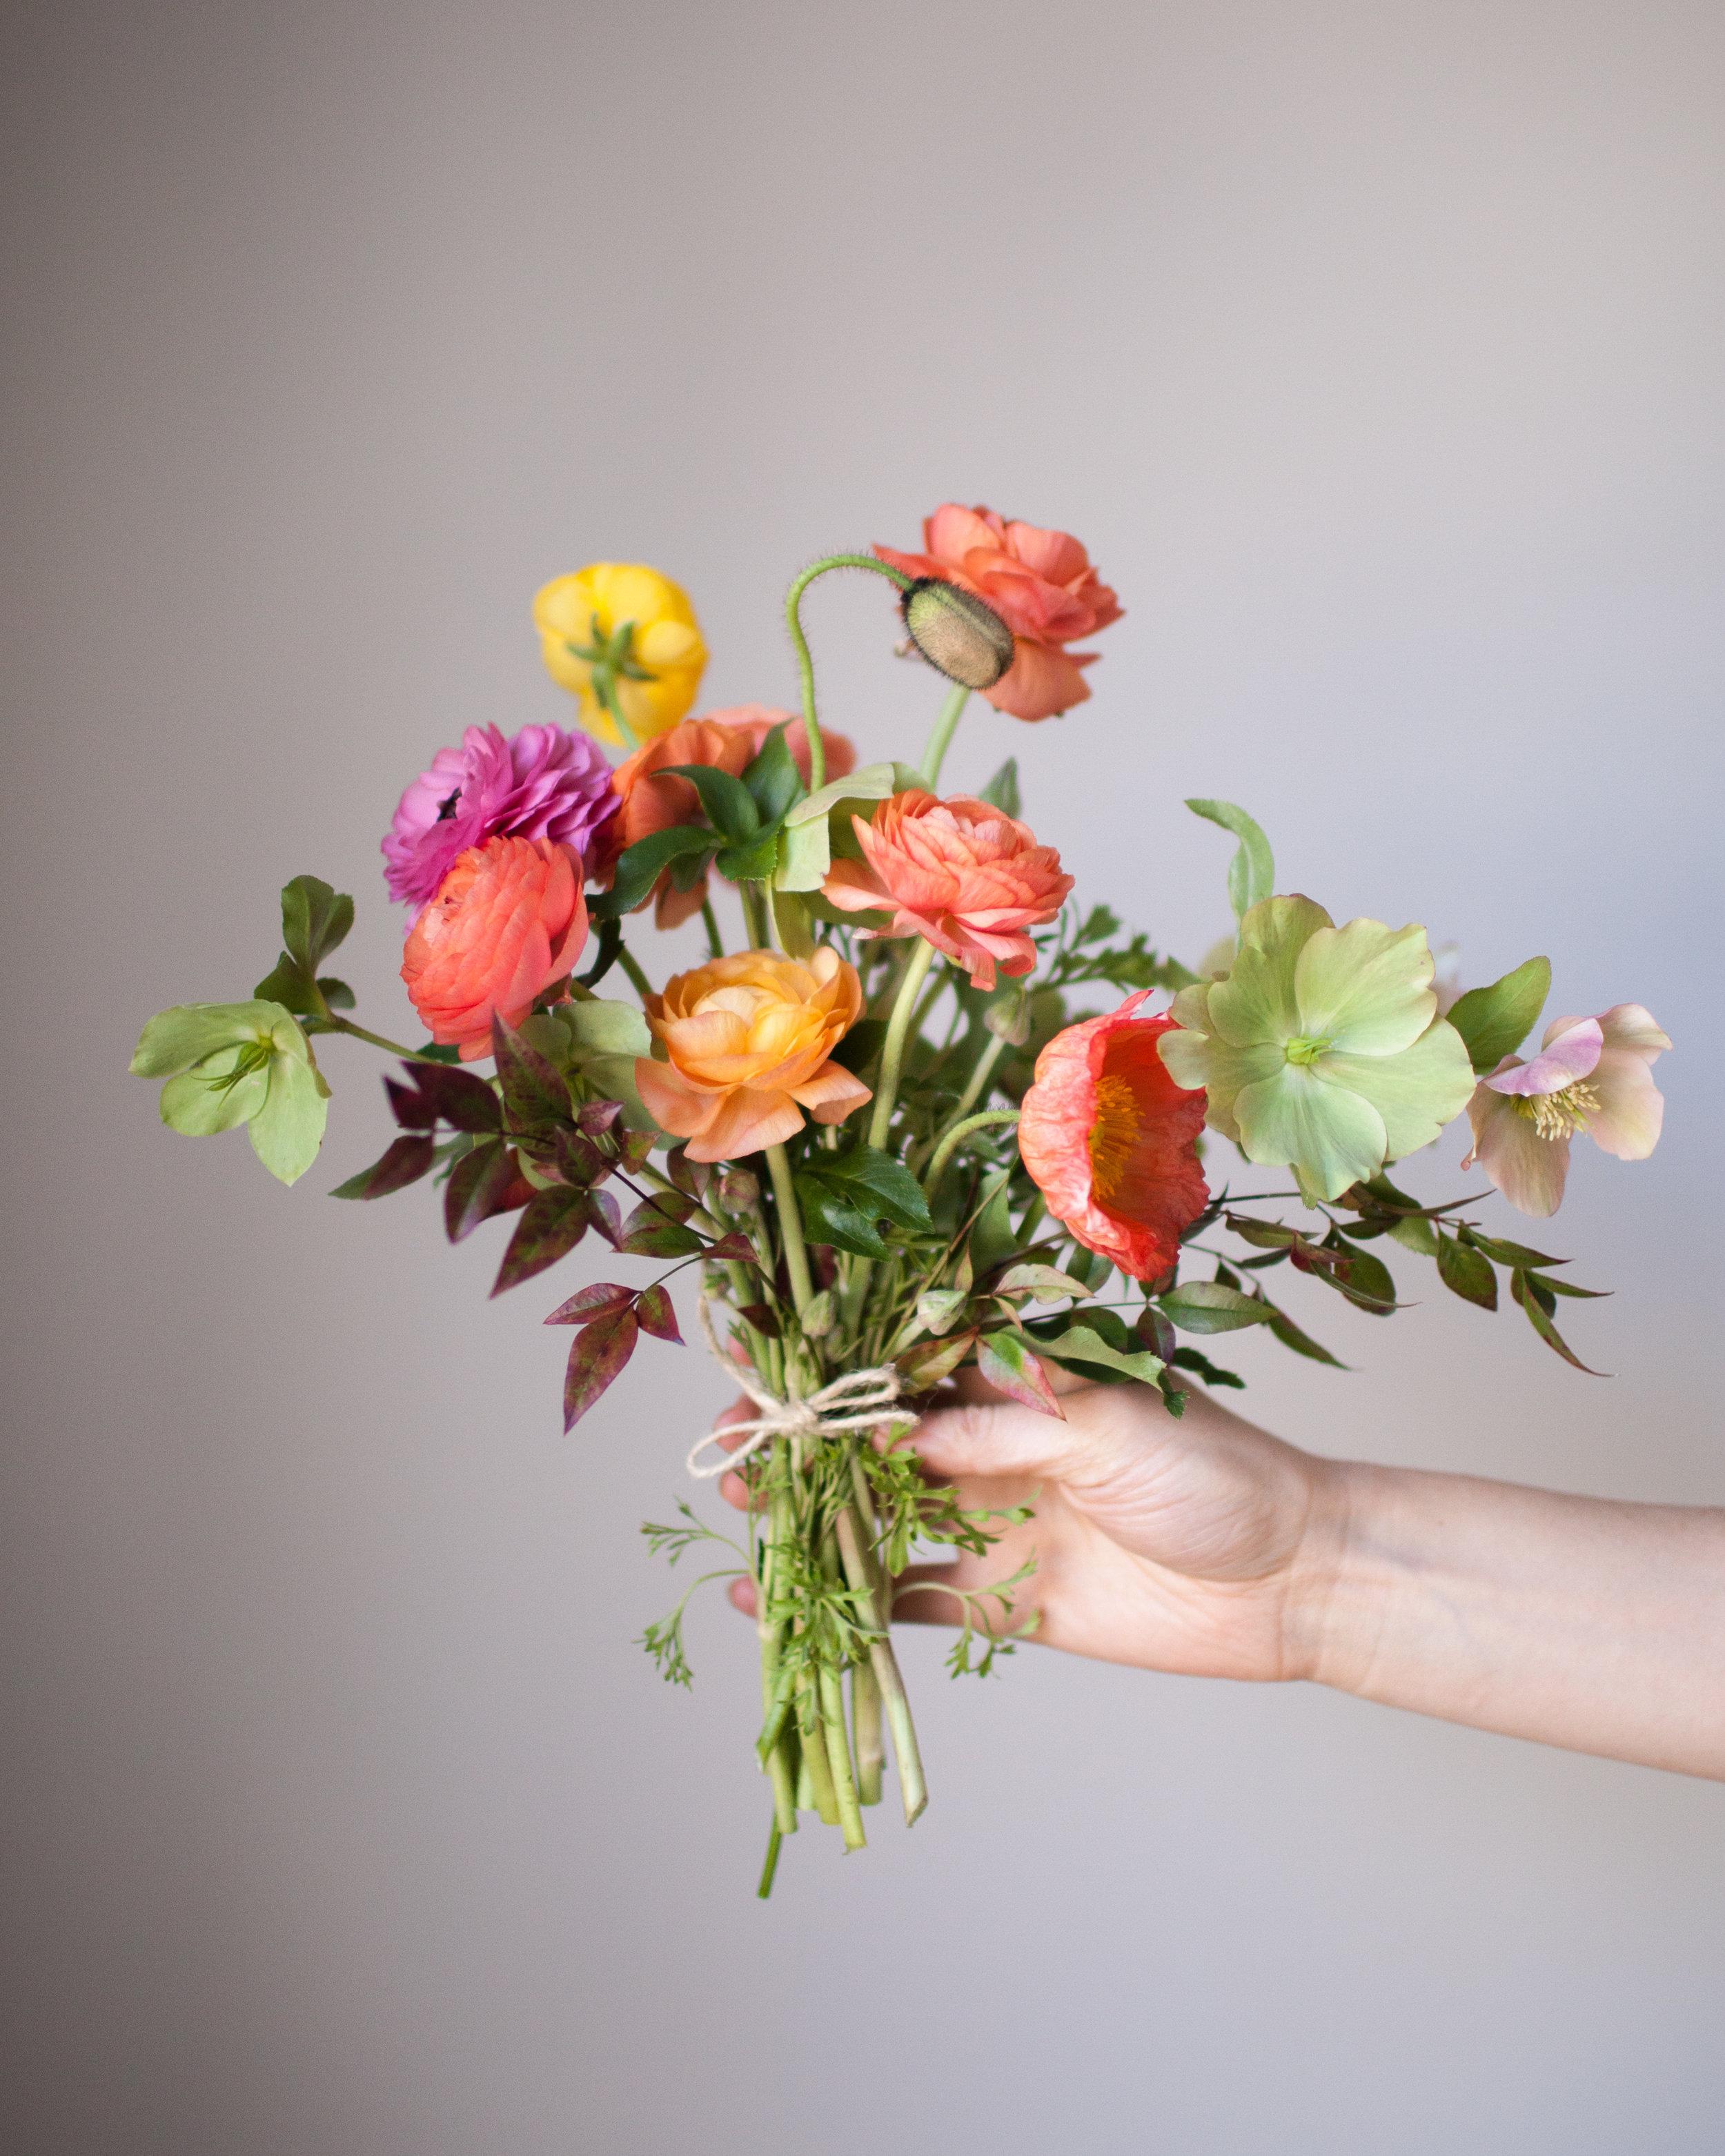 florals-march24-108.jpg